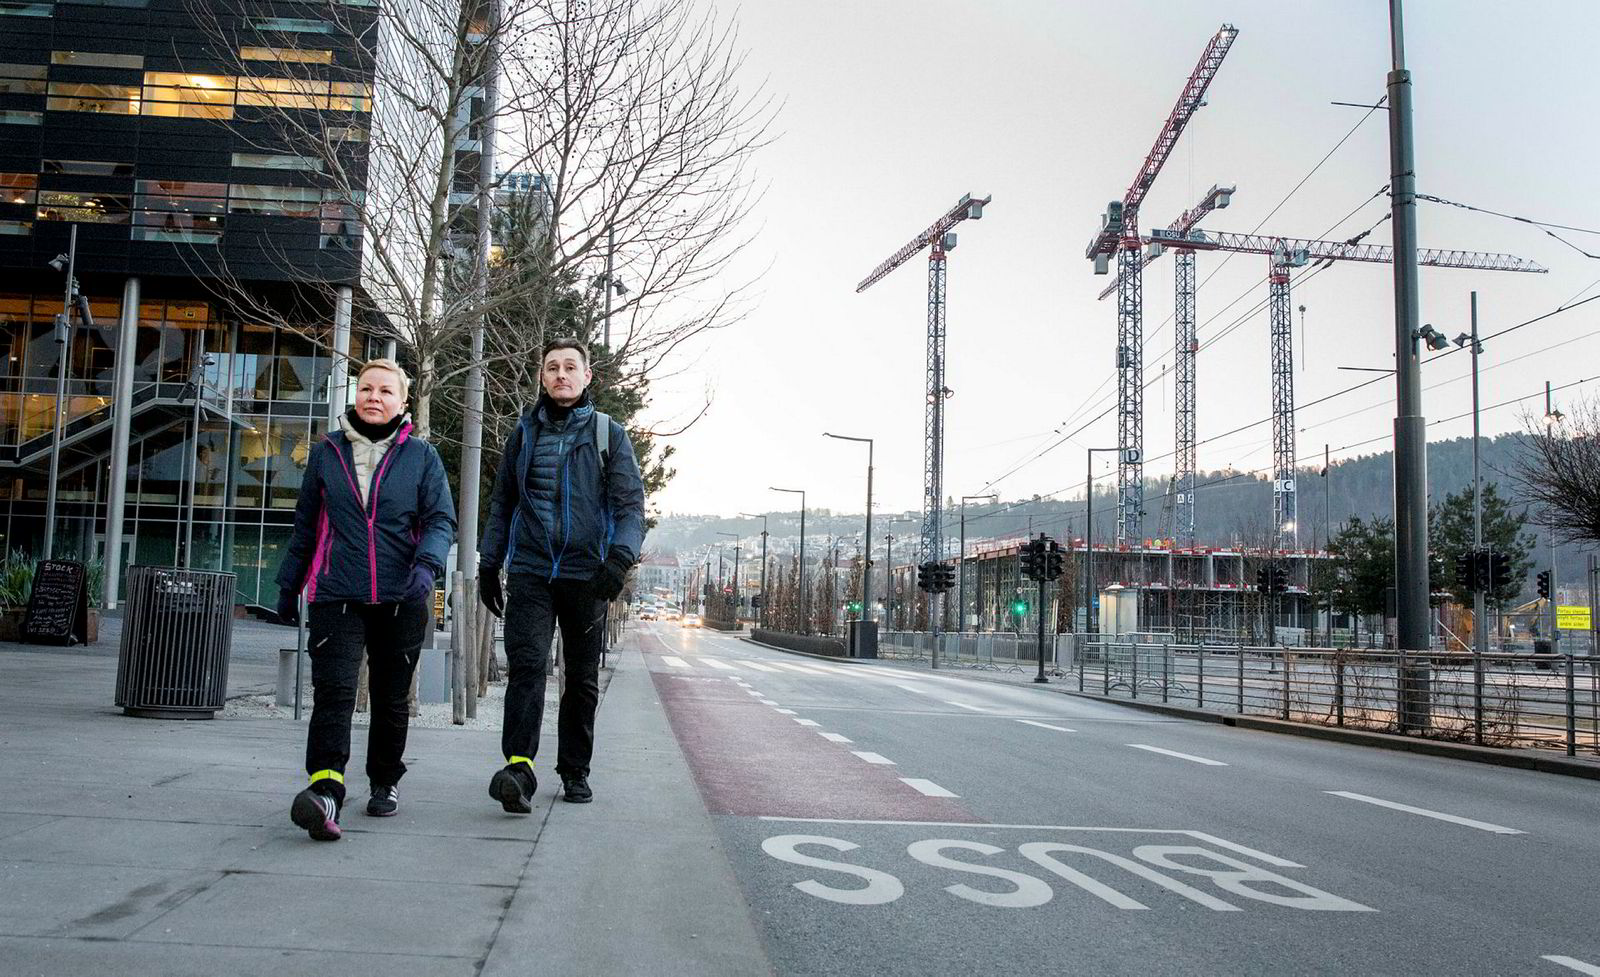 Bente og Christopher Jacobsen går til jobb fra Karlsrud til Homansbyen hver dag. Dette startet de med for syv år siden, da de fikk jobb samme sted. Også i helgene går de en mil hver dag i skogen.